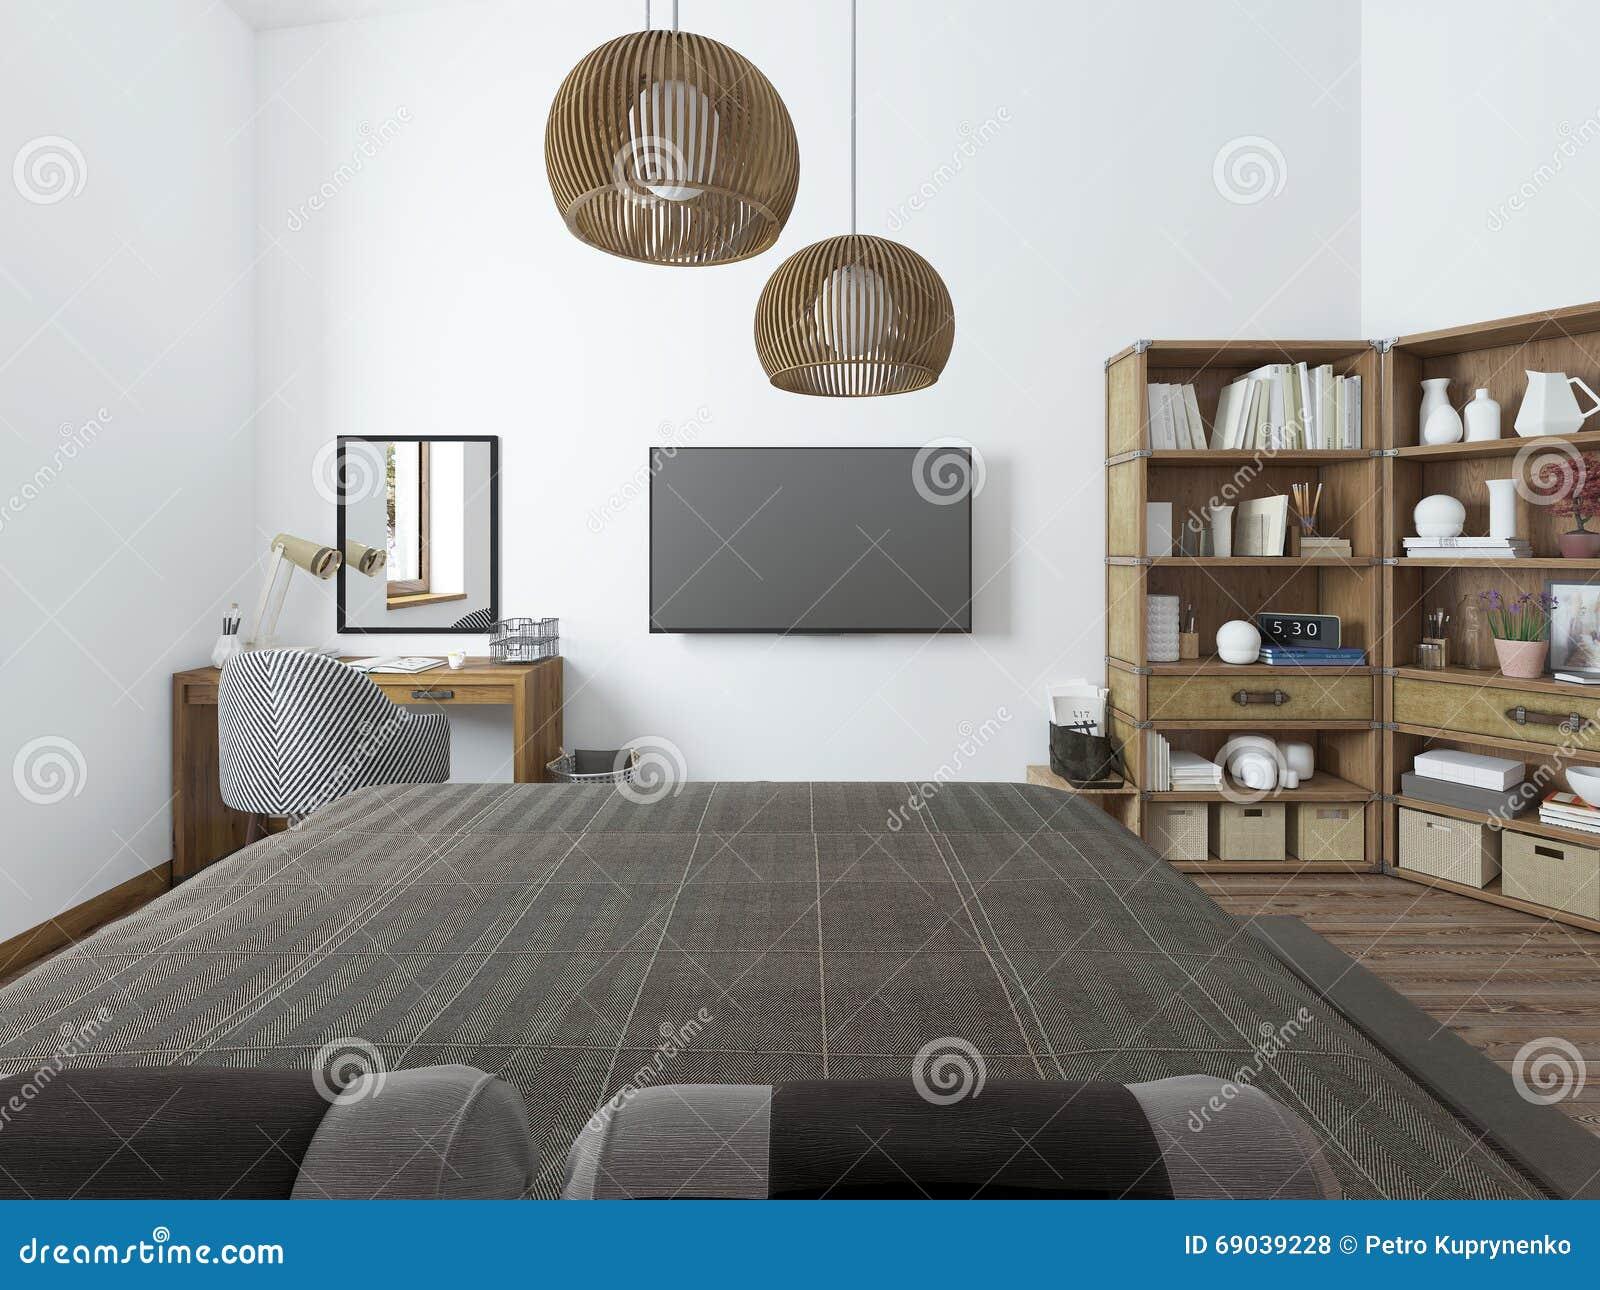 Schlafzimmer Mit Fernsehschreibtisch Und Regale Für Bücher ...